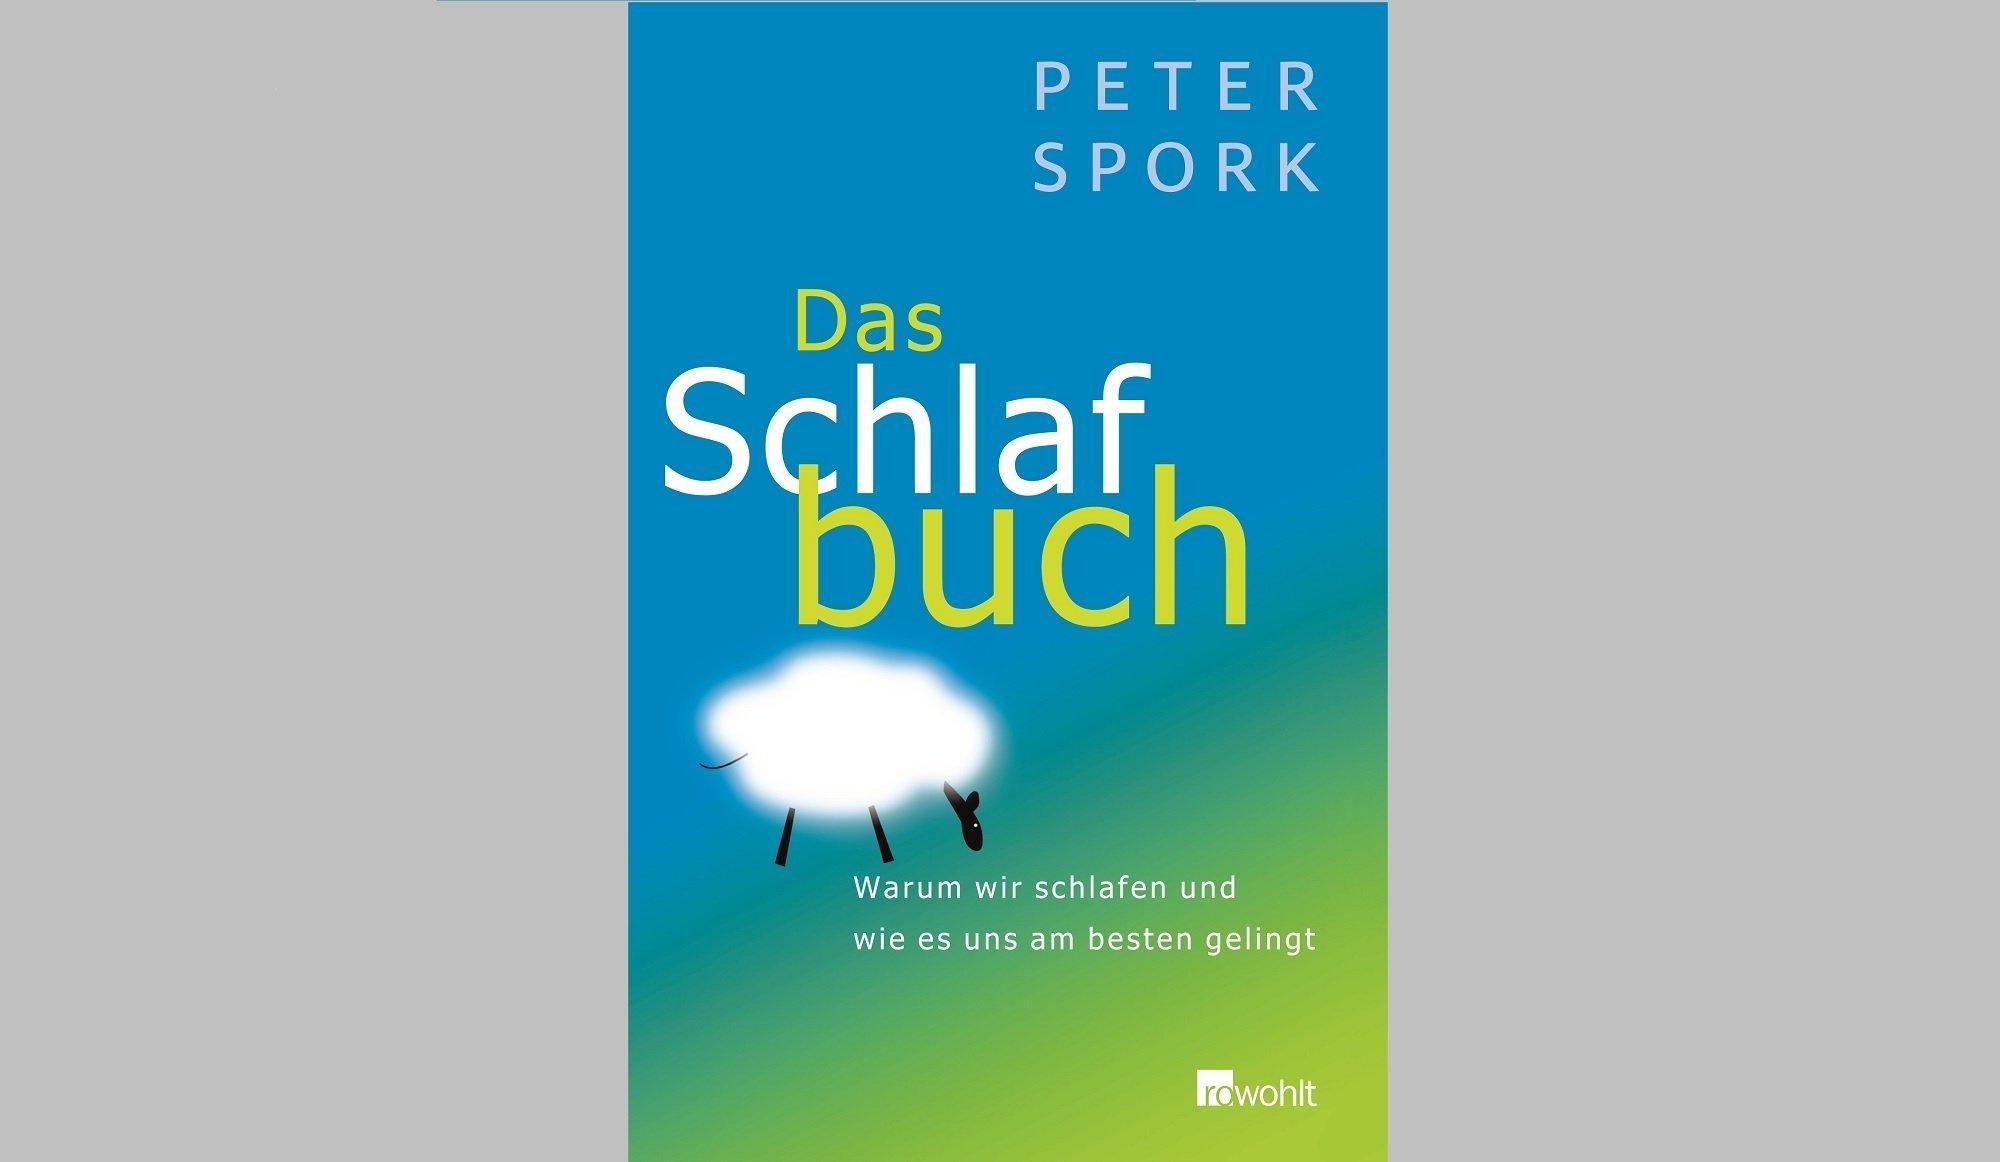 """Buchtitel von Peter Sporks Buch """"Das Schlafbuch"""", erstmals erschienen 2007im Rowohlt-Verlag"""